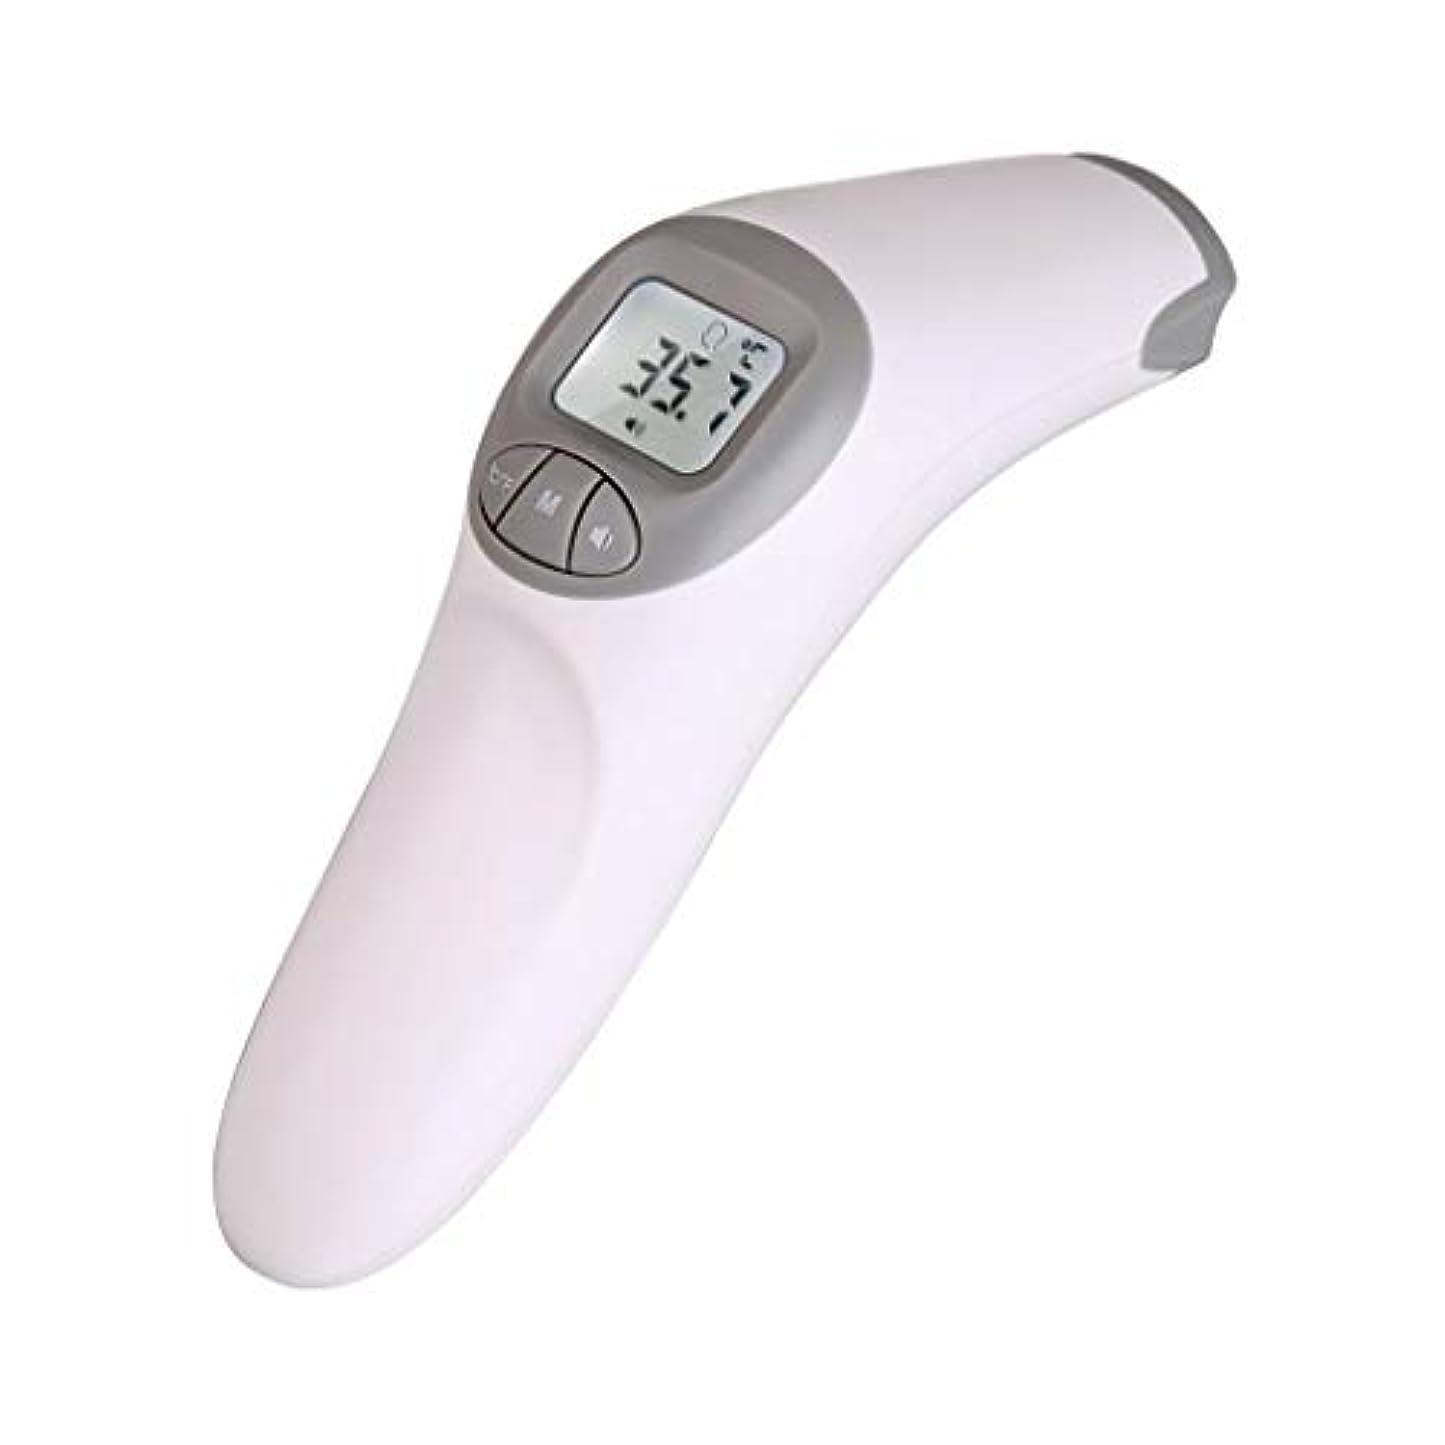 慣習あいまいさ陽気な温度計の額デジタル赤外線非接触赤ちゃん温度計ホーム赤ちゃん温度計電子温度計